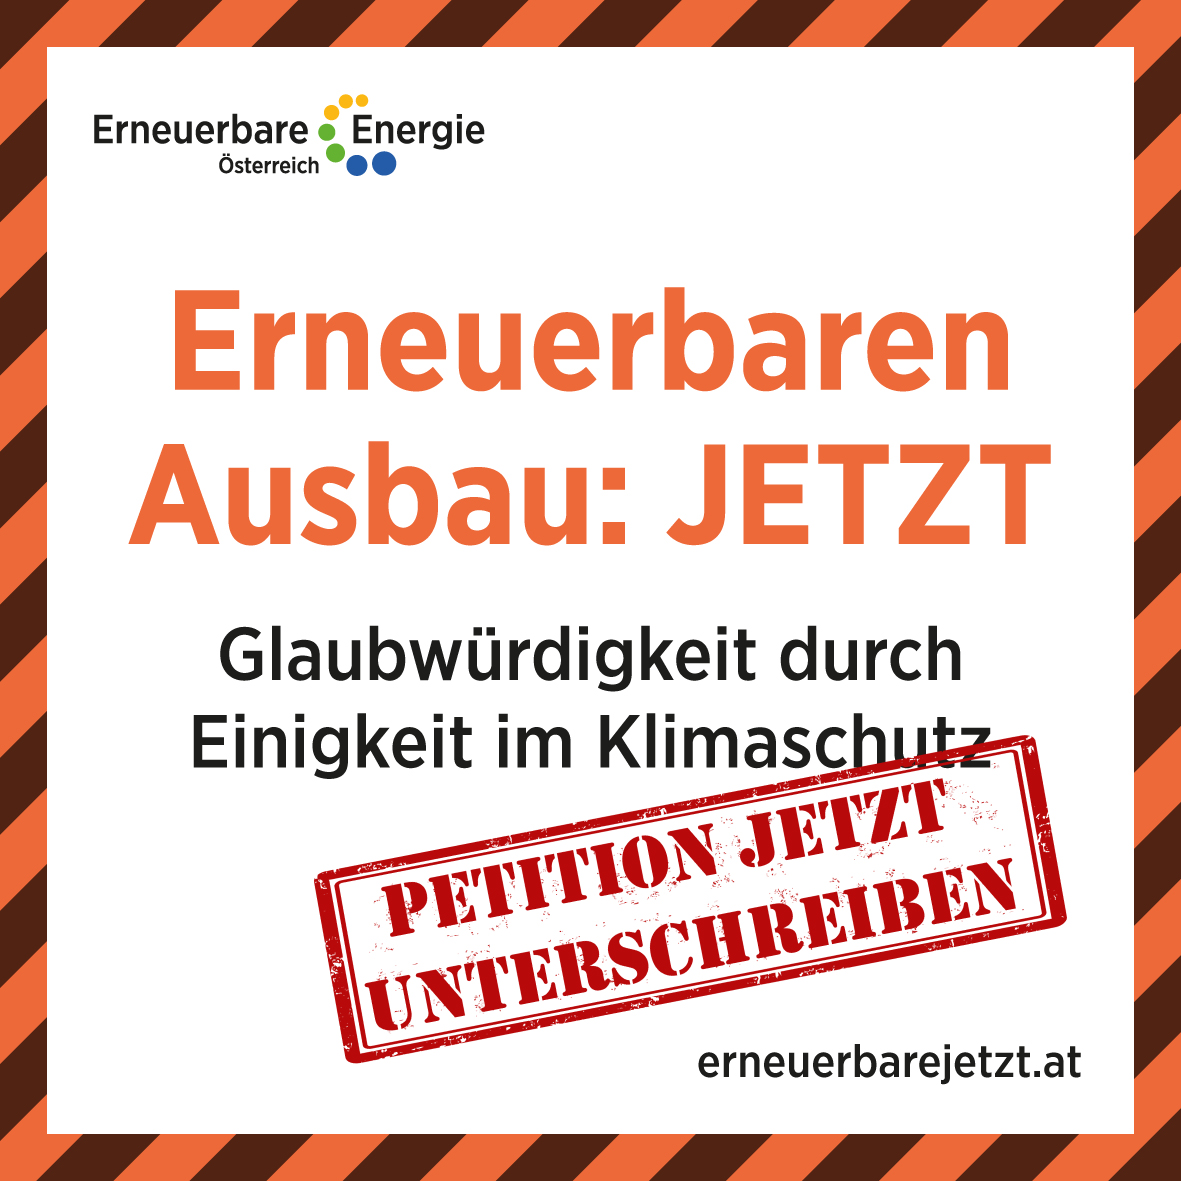 ©Erneuerbare Energie Österreich Uneingeschränkte Nutzung honorarfrei bei Nennung des Urhebers.